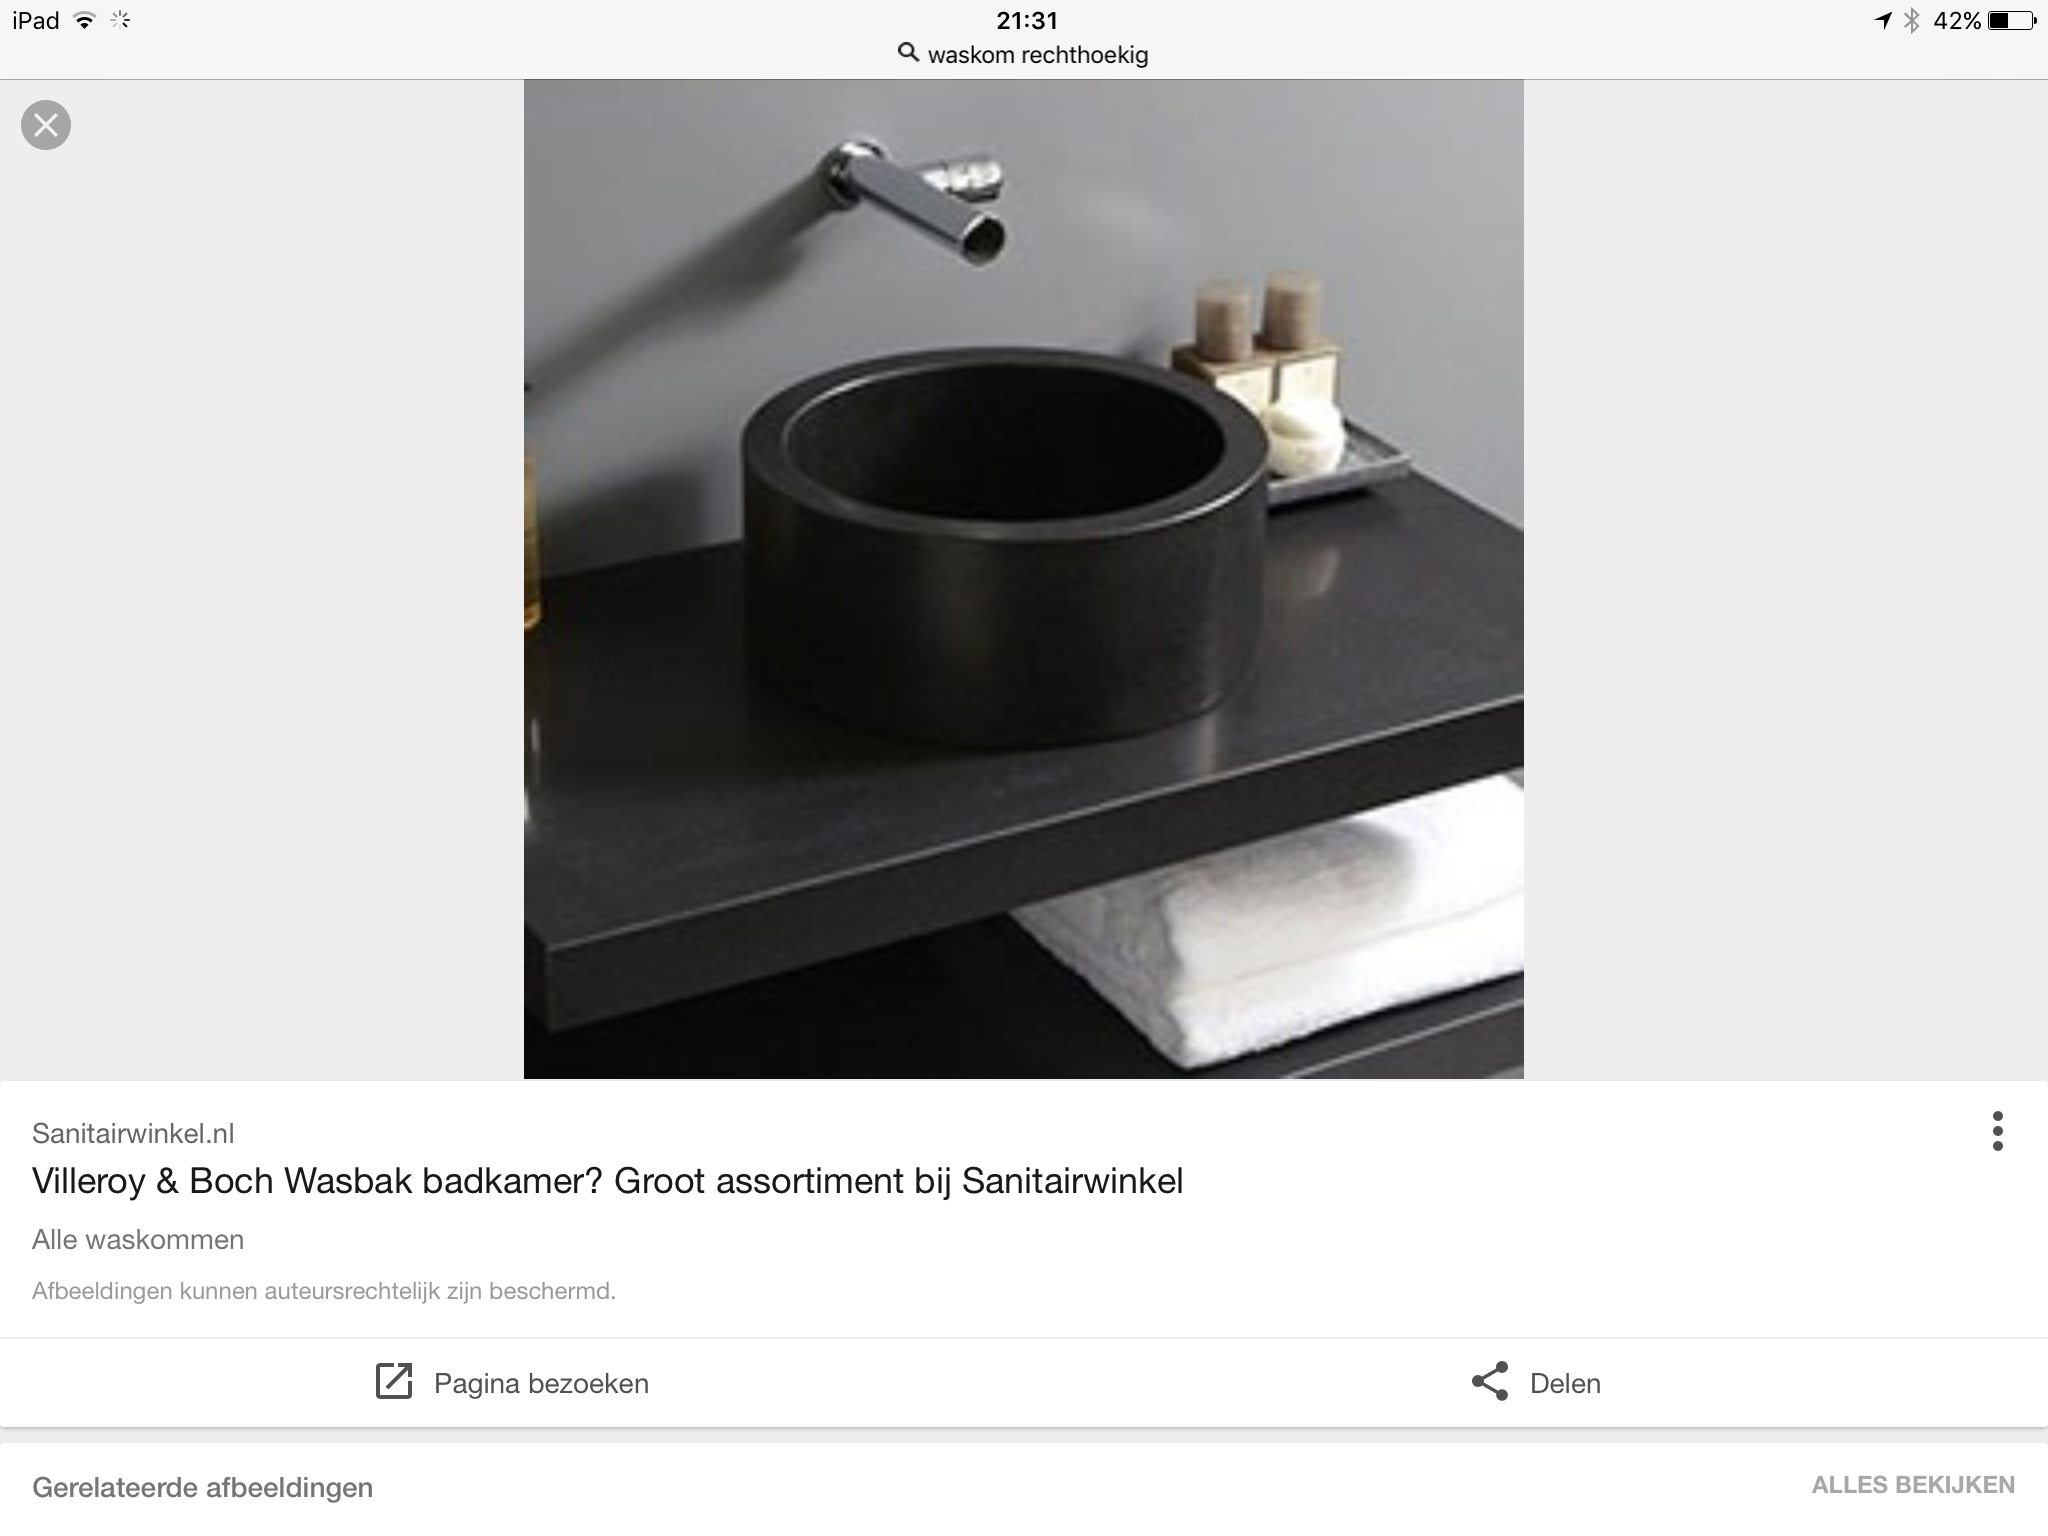 Pin by Lizzy Van Haastert on Badkamer   Pinterest   Toilet